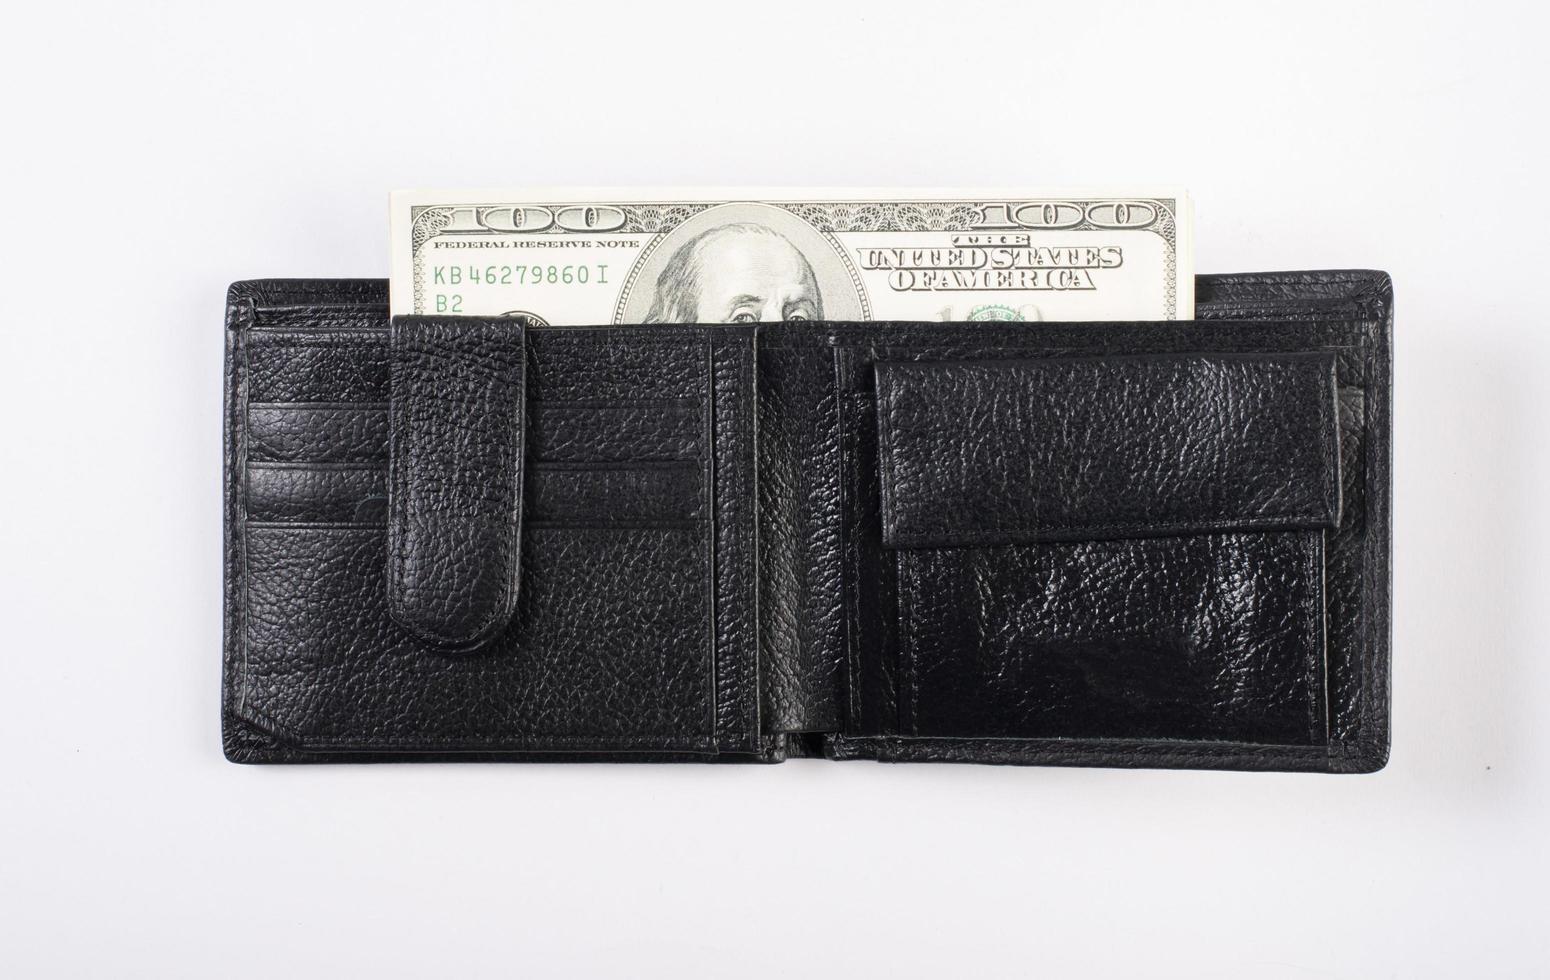 Geld in einer Brieftasche lokalisiert auf weißem Hintergrund foto